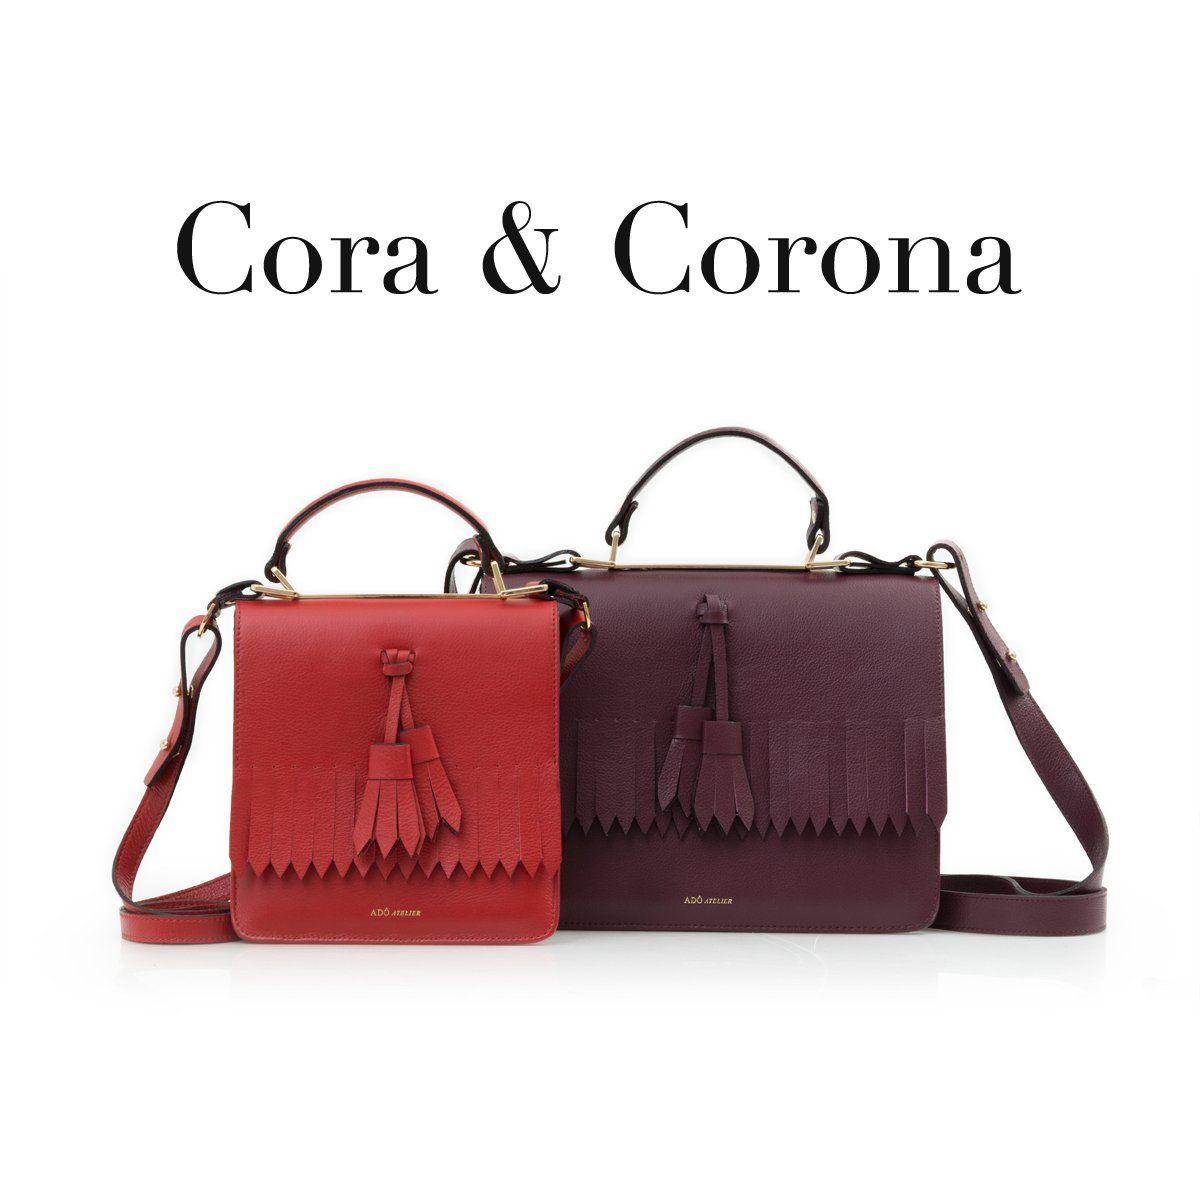 Imagem do produto Bolsa de Couro Corona Preto bfe095b384c